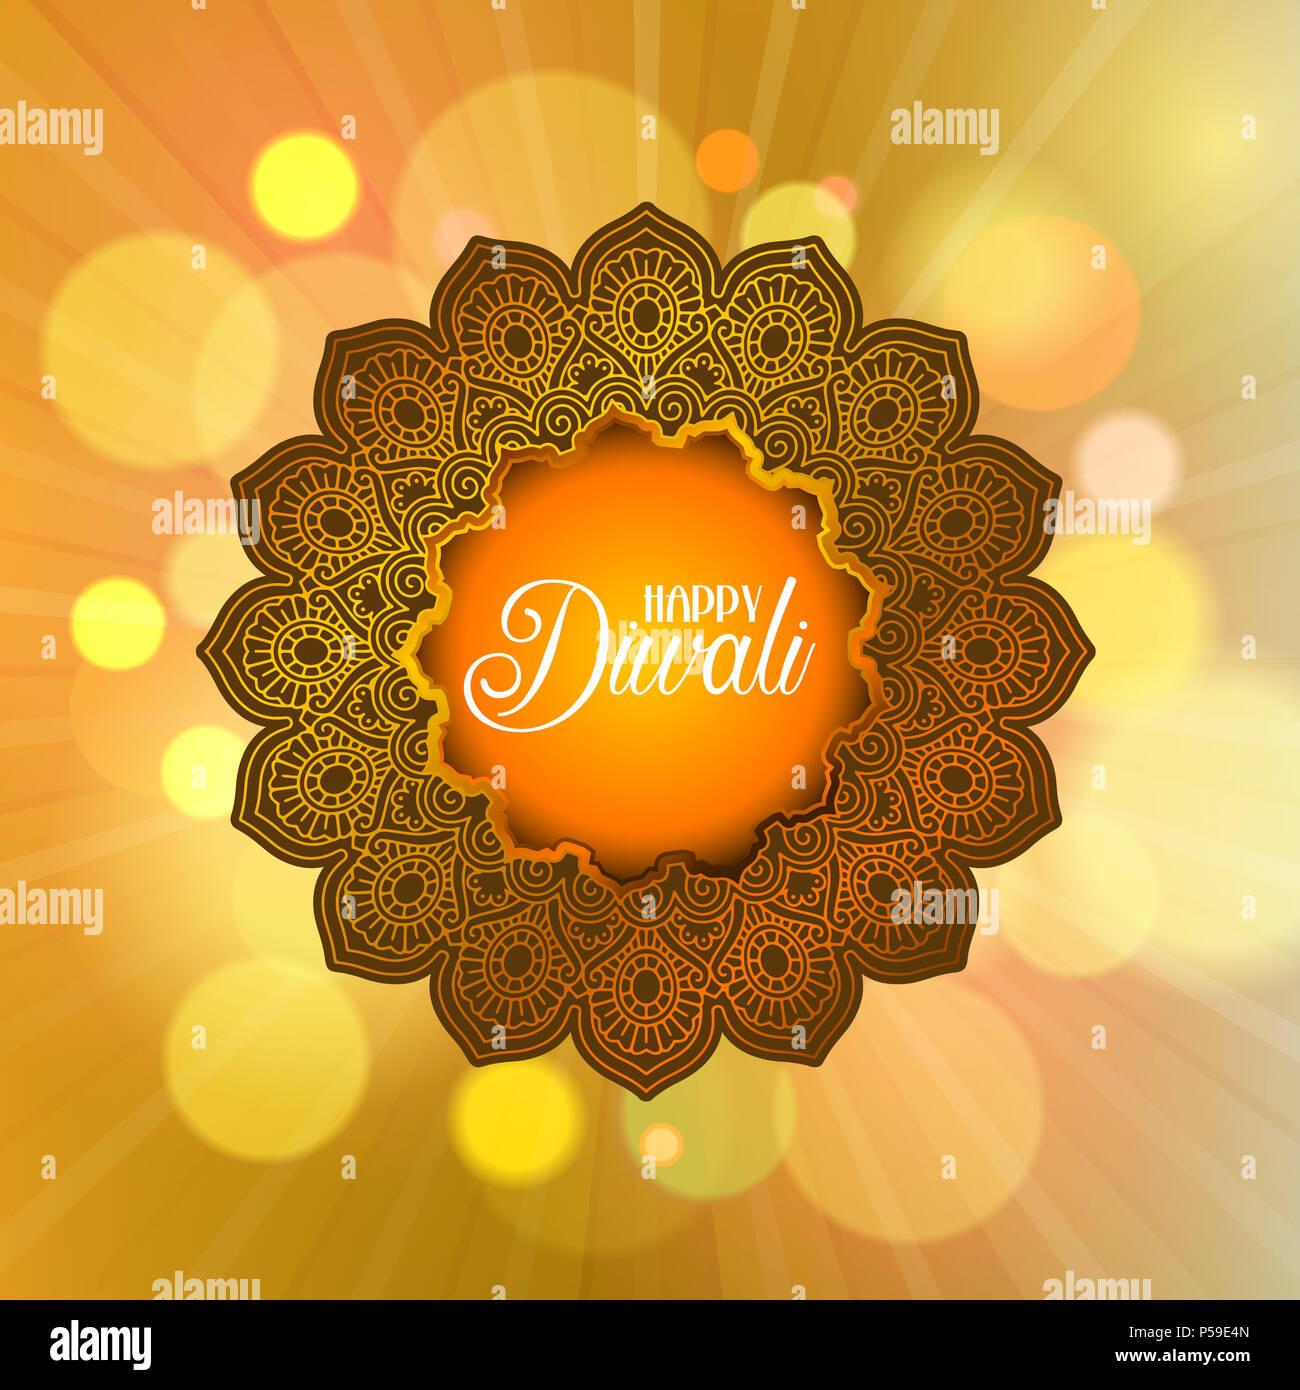 Decorative Diwali background with mandala frame Stock Photo